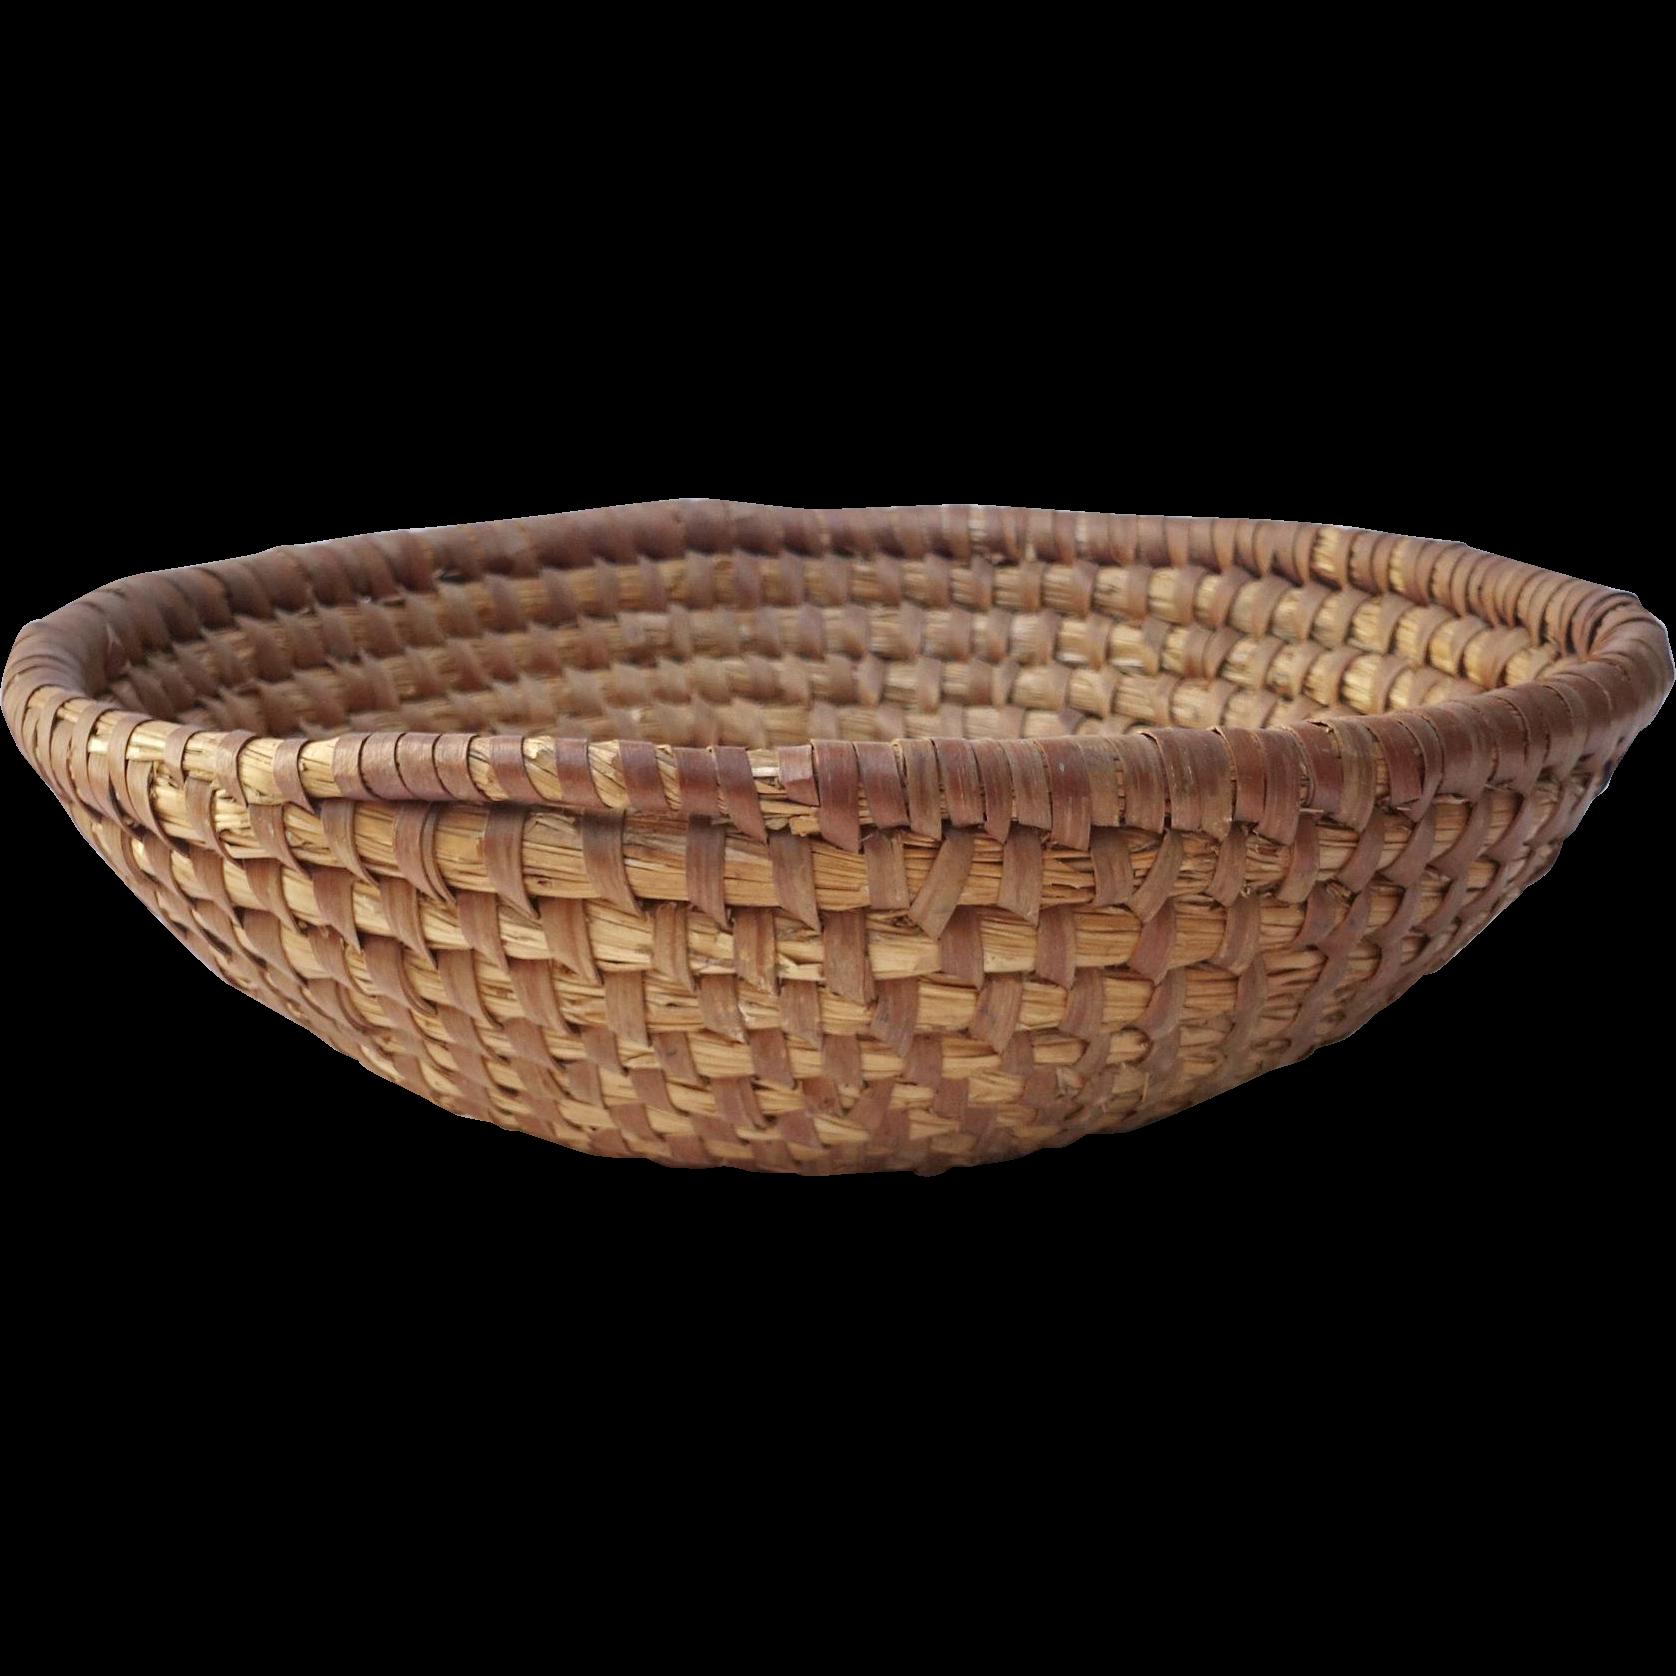 Antique Coil Basket